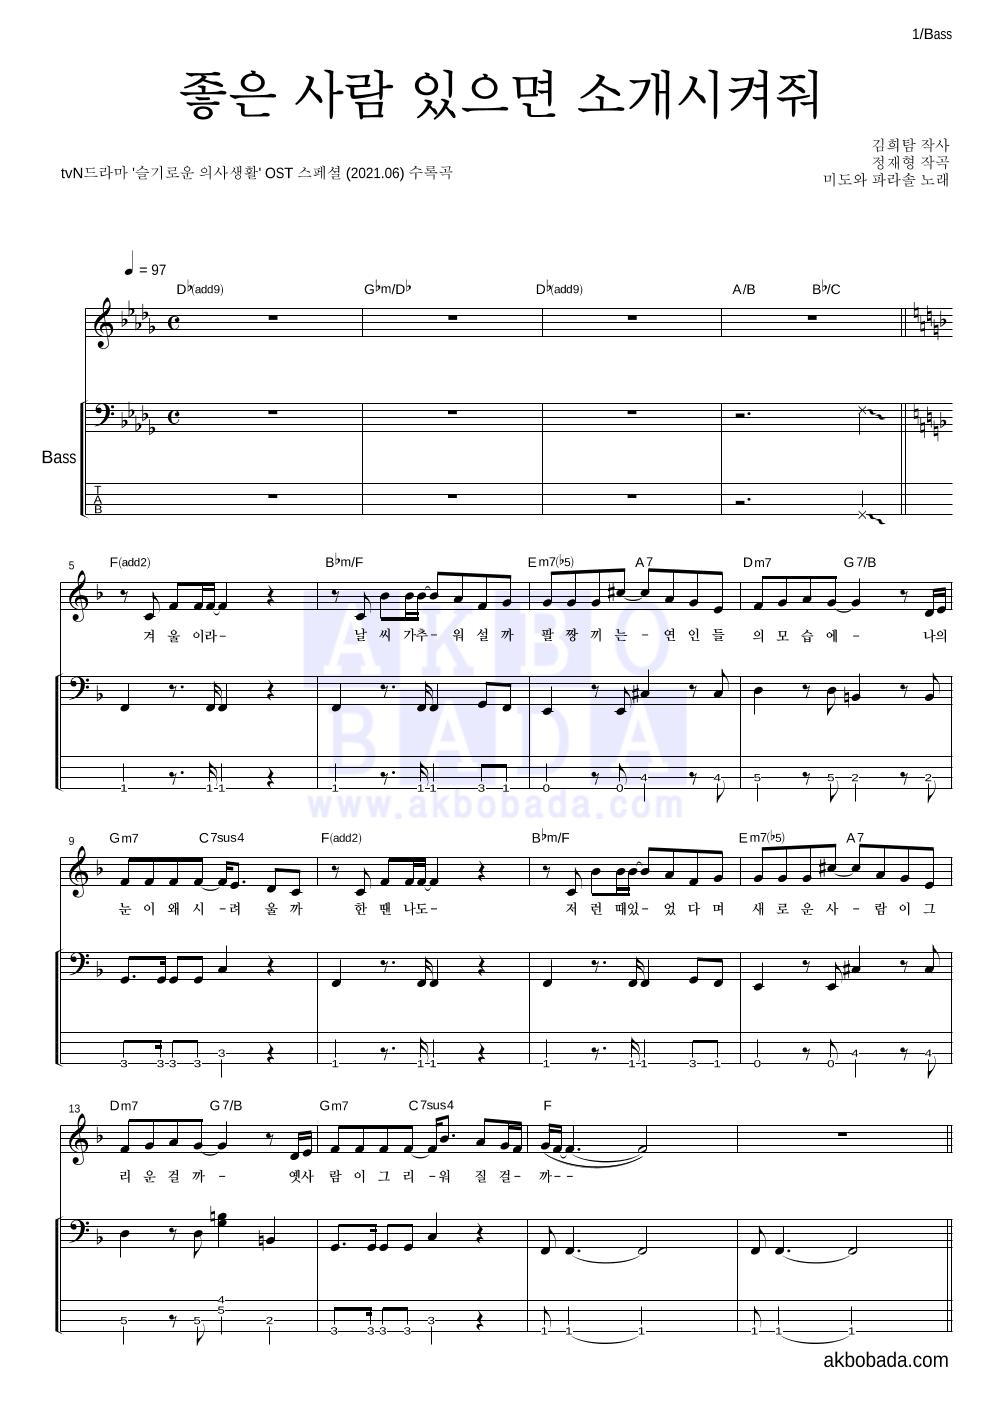 미도와 파라솔 - 좋은 사람 있으면 소개시켜줘 (Drama Ver.) 베이스 악보